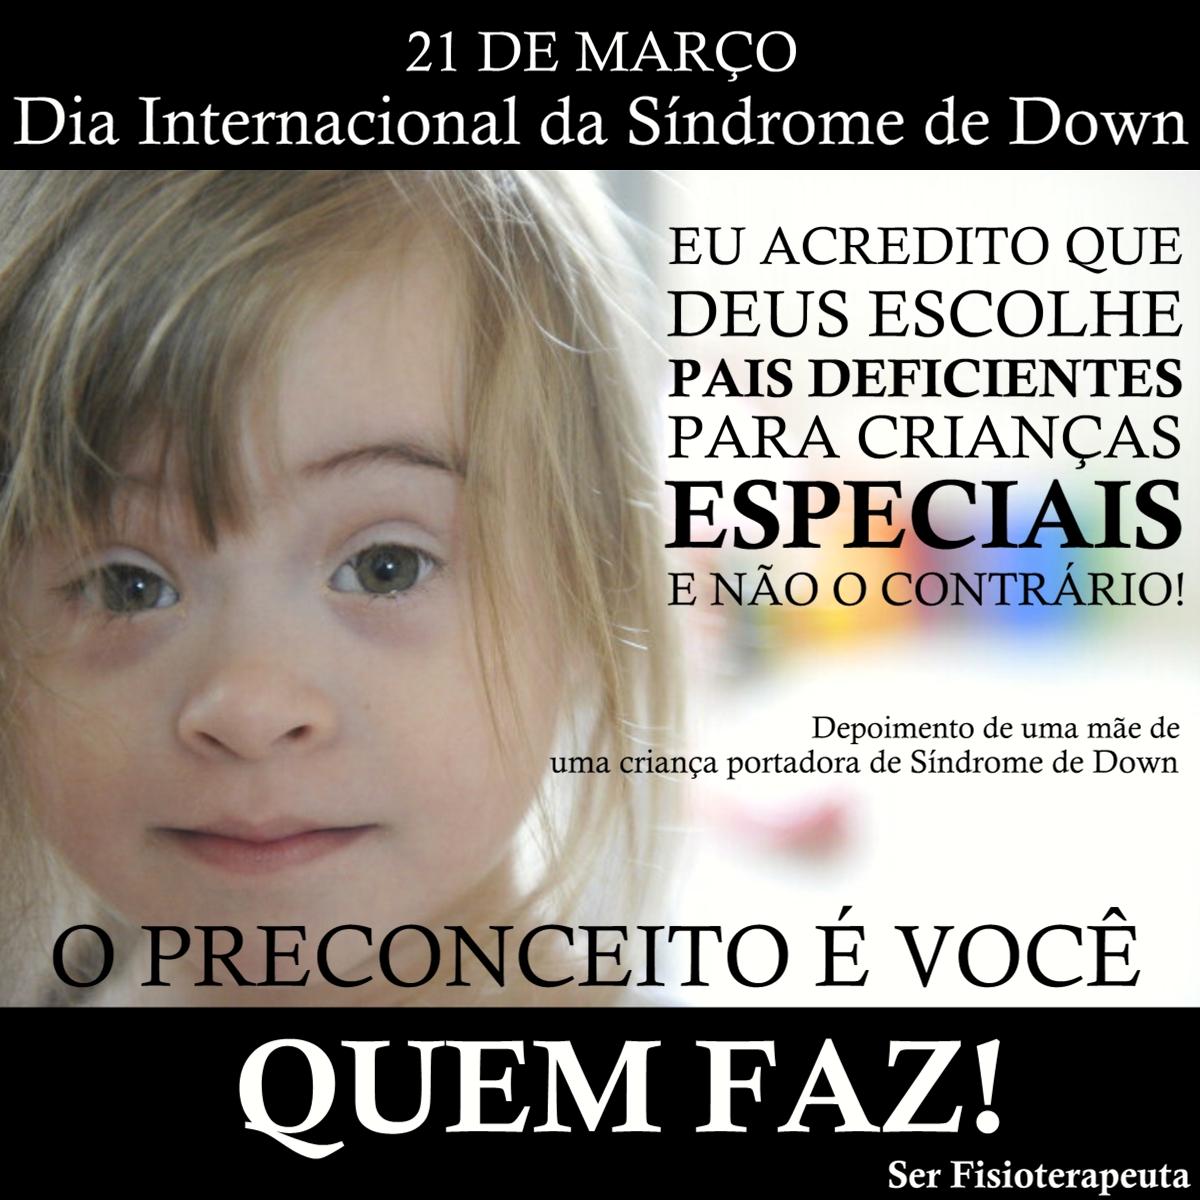 Ser Fisioterapeuta Dia Internacional Da Síndrome De Down